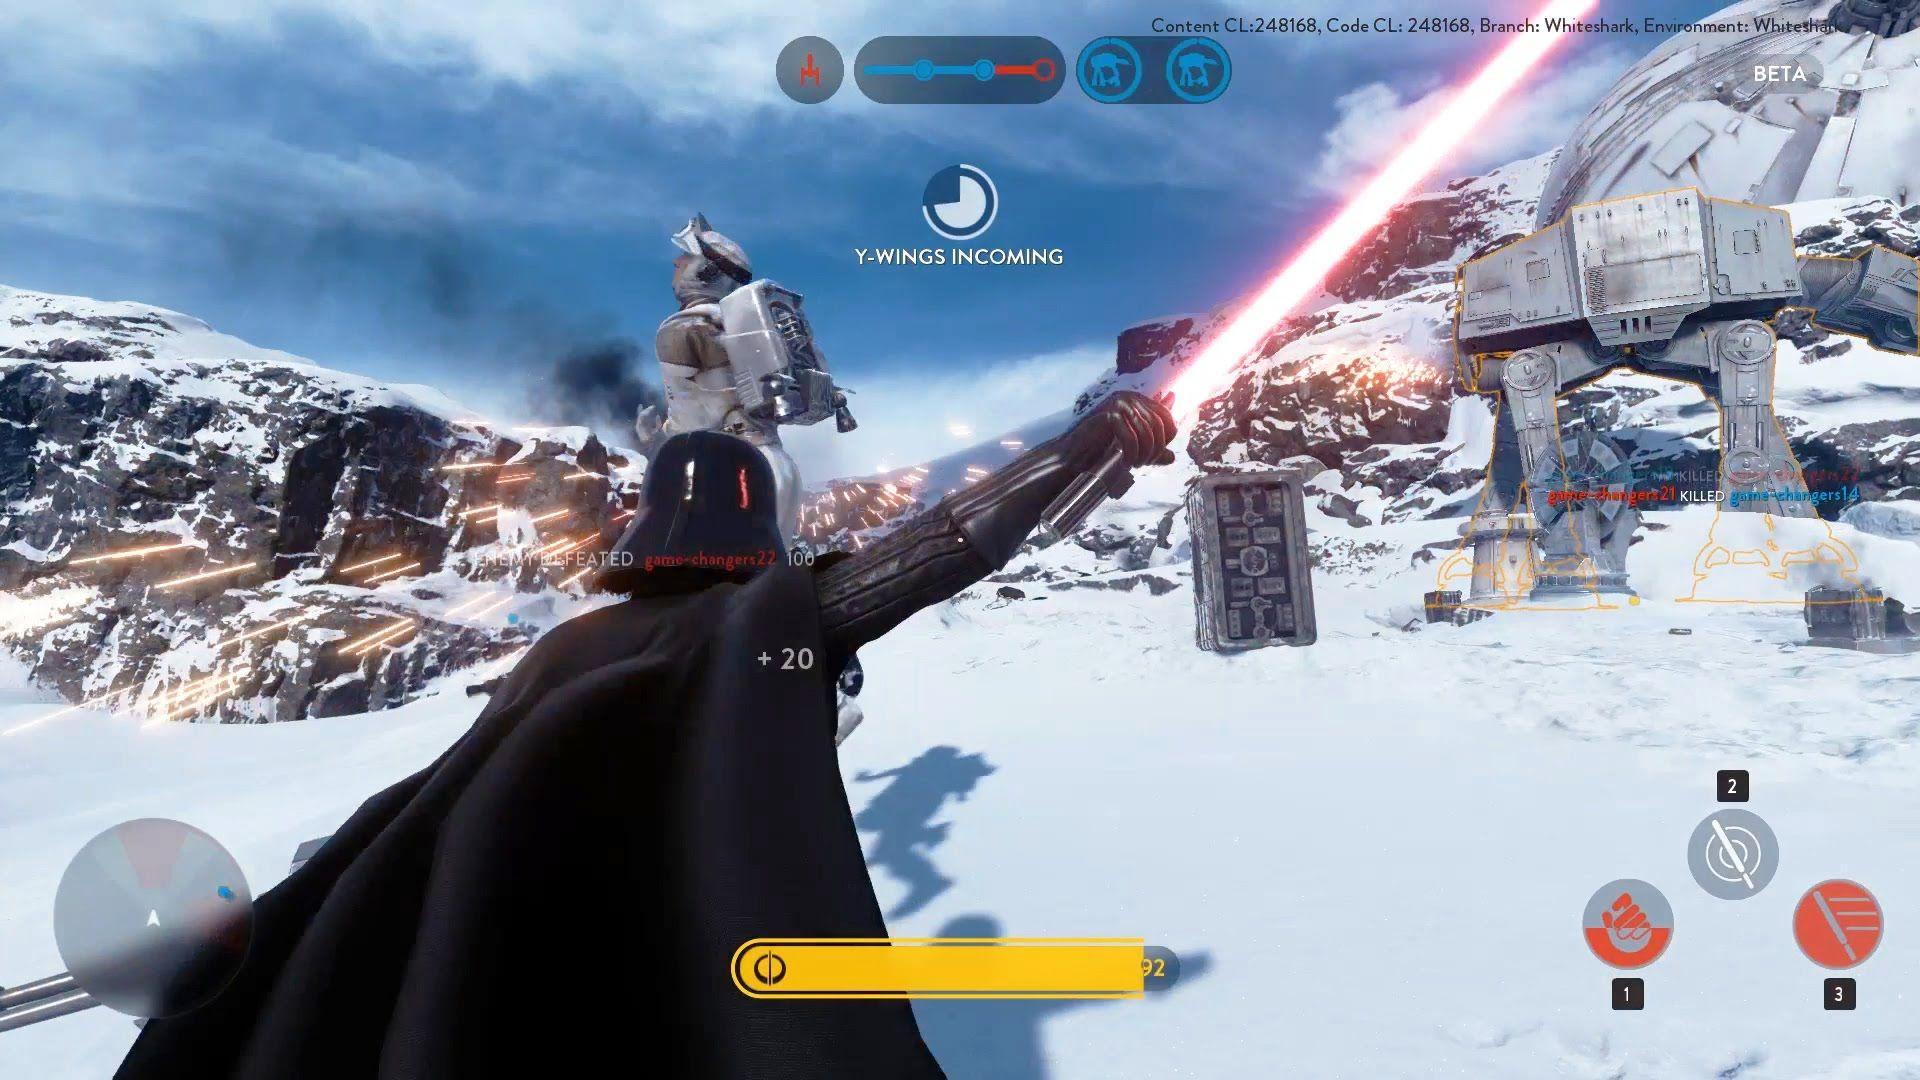 Darth Vader Luke Skywalker Gameplay Star Wars Battlefront Multiplayer Beta Gameplay Star Wars Battlefront Battlefront Star Wars